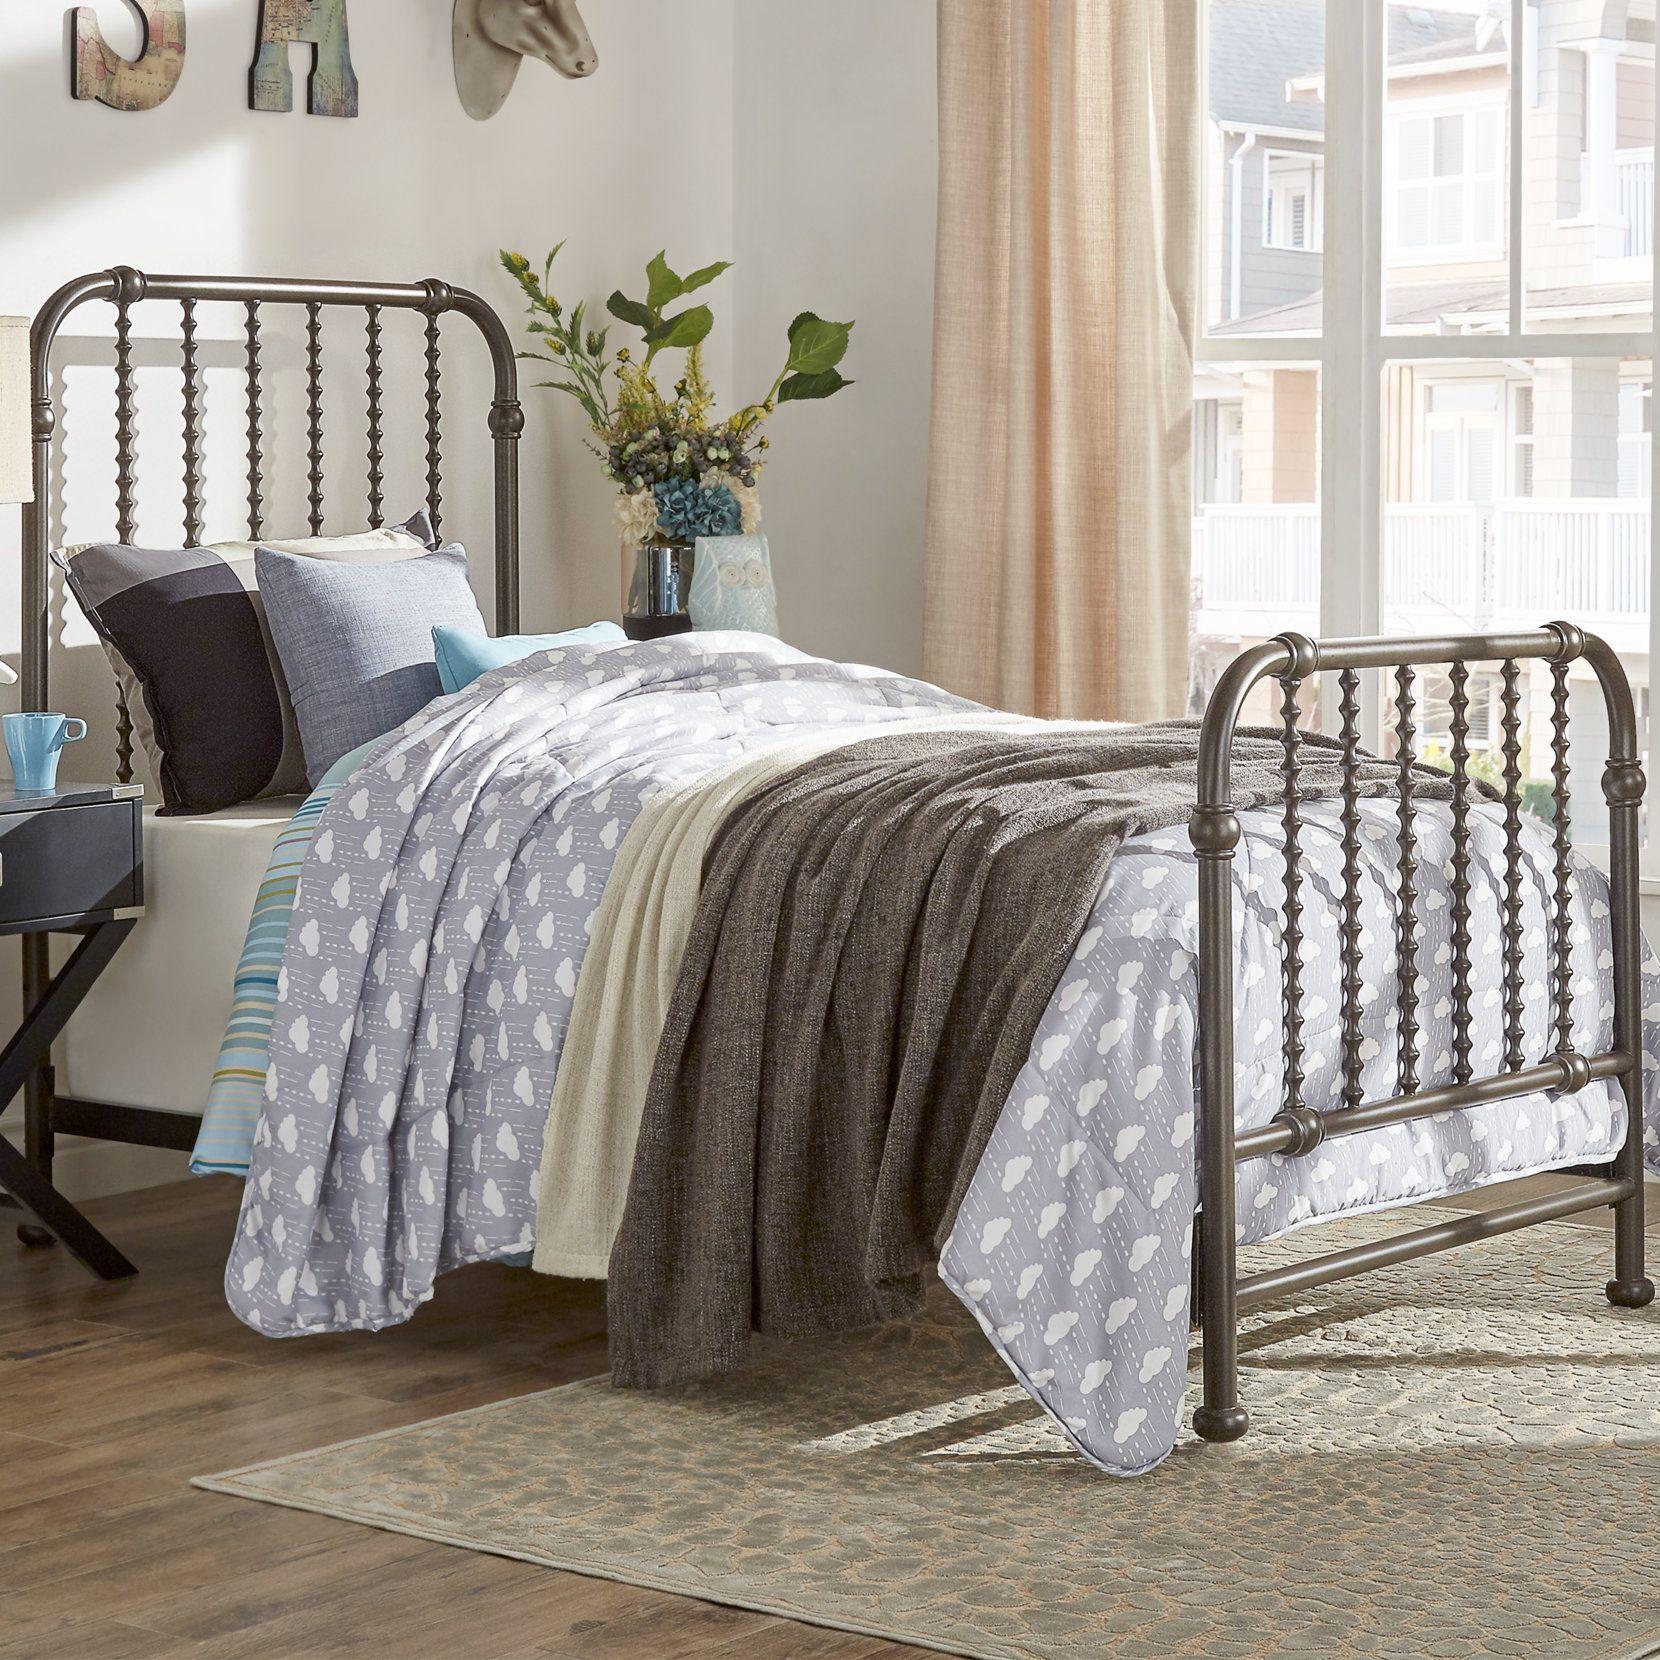 Bellingham Bed Loft bed frame